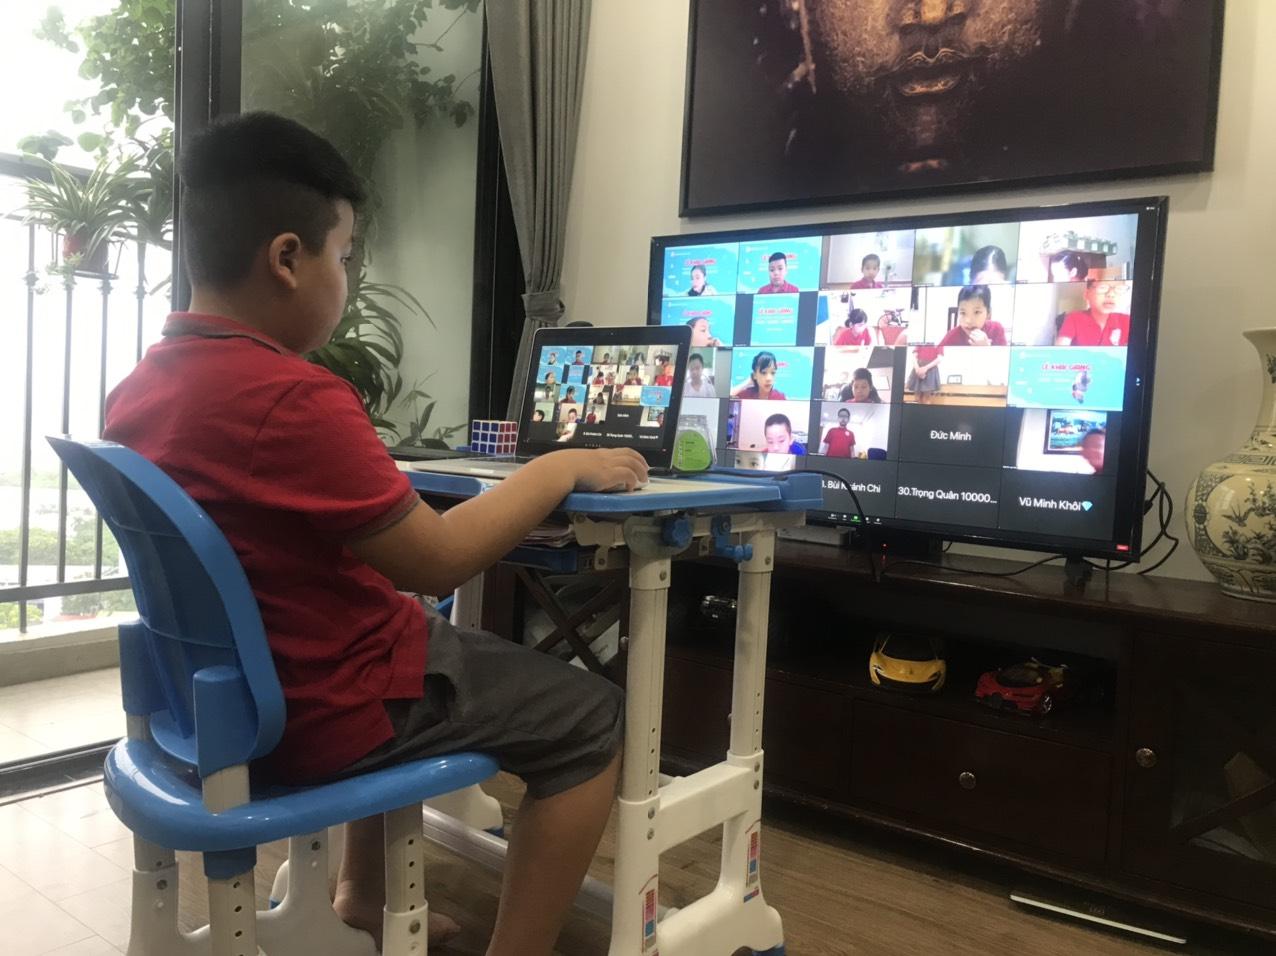 Bé Phan Anh – lớp 3A12 Trường tiểu học Lê Quý Đôn được bố áp dụng giải pháp chia sẻ màn hình máy tính lên ti vi có màn hình lớn giúp thuận tiện hơn rất nhiều trong việc học.